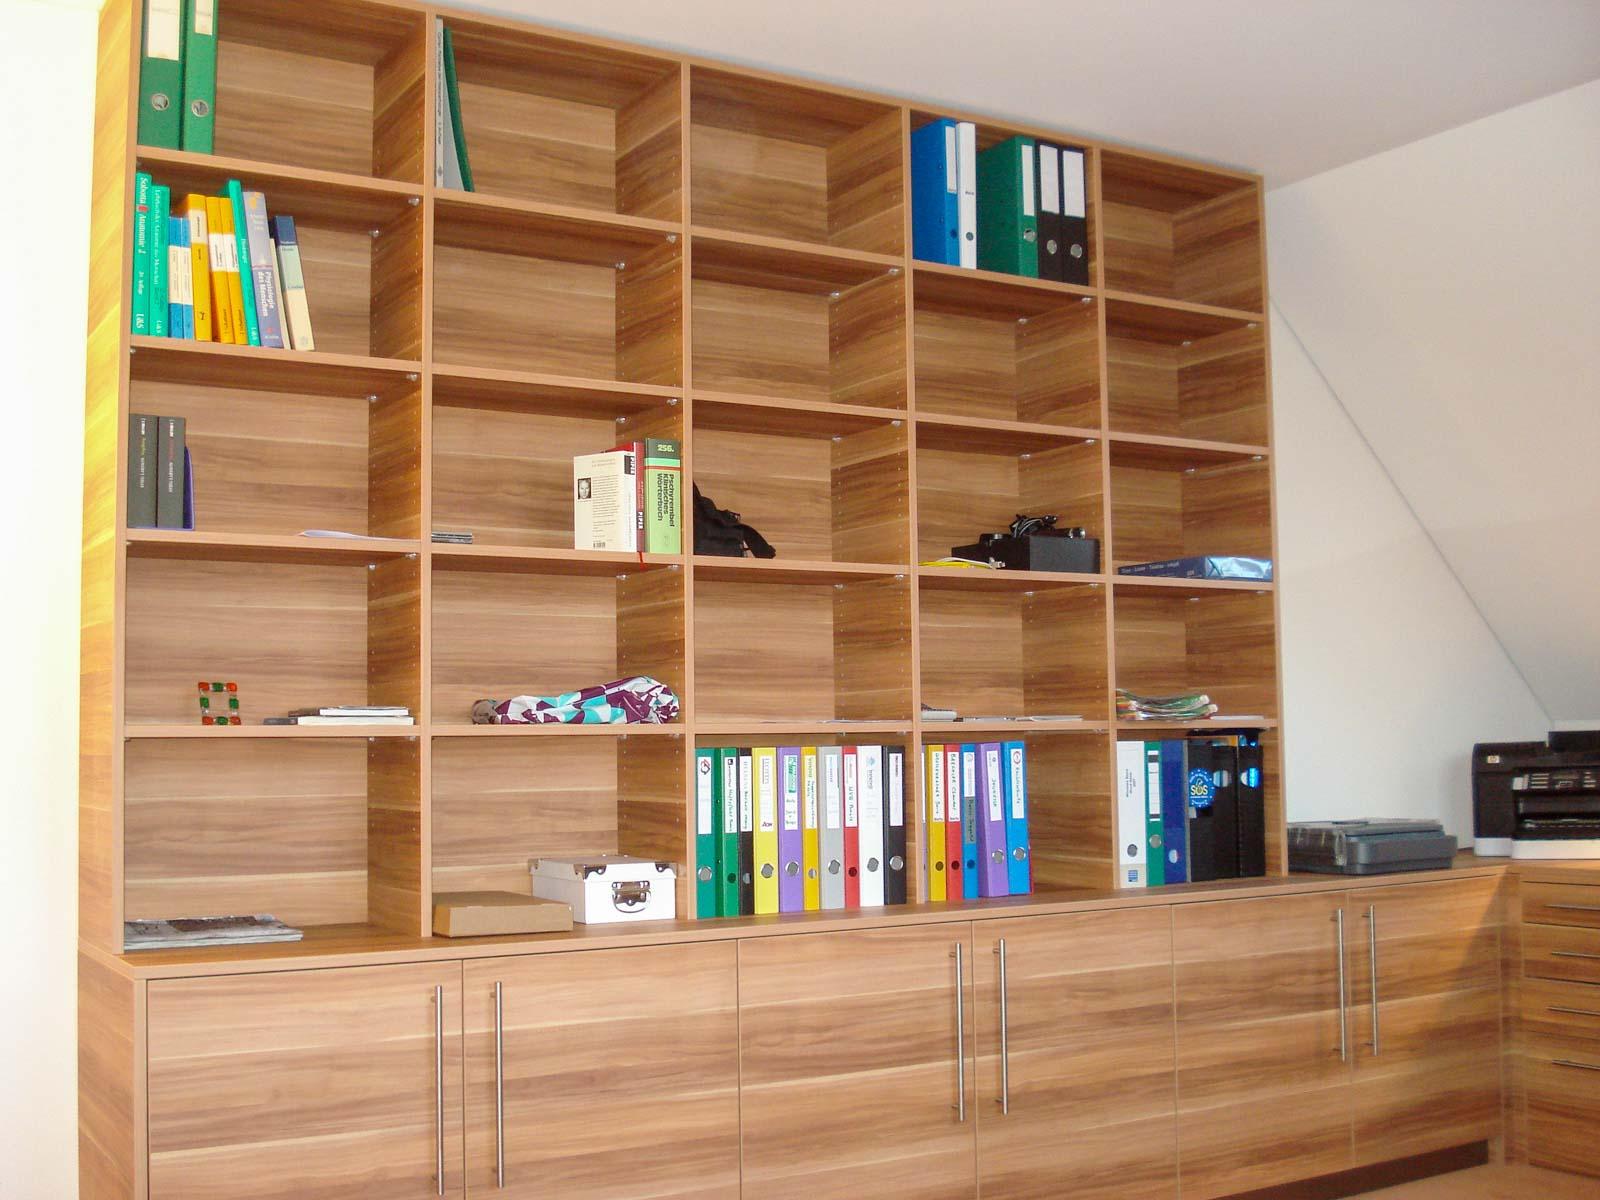 Wooddesign_Büro_Homeoffice_Schreibtisch_Pinwand_Magnetwand_Schubladen_Wandschrank_Regal_Holz_versenkbare Steckdose(1)